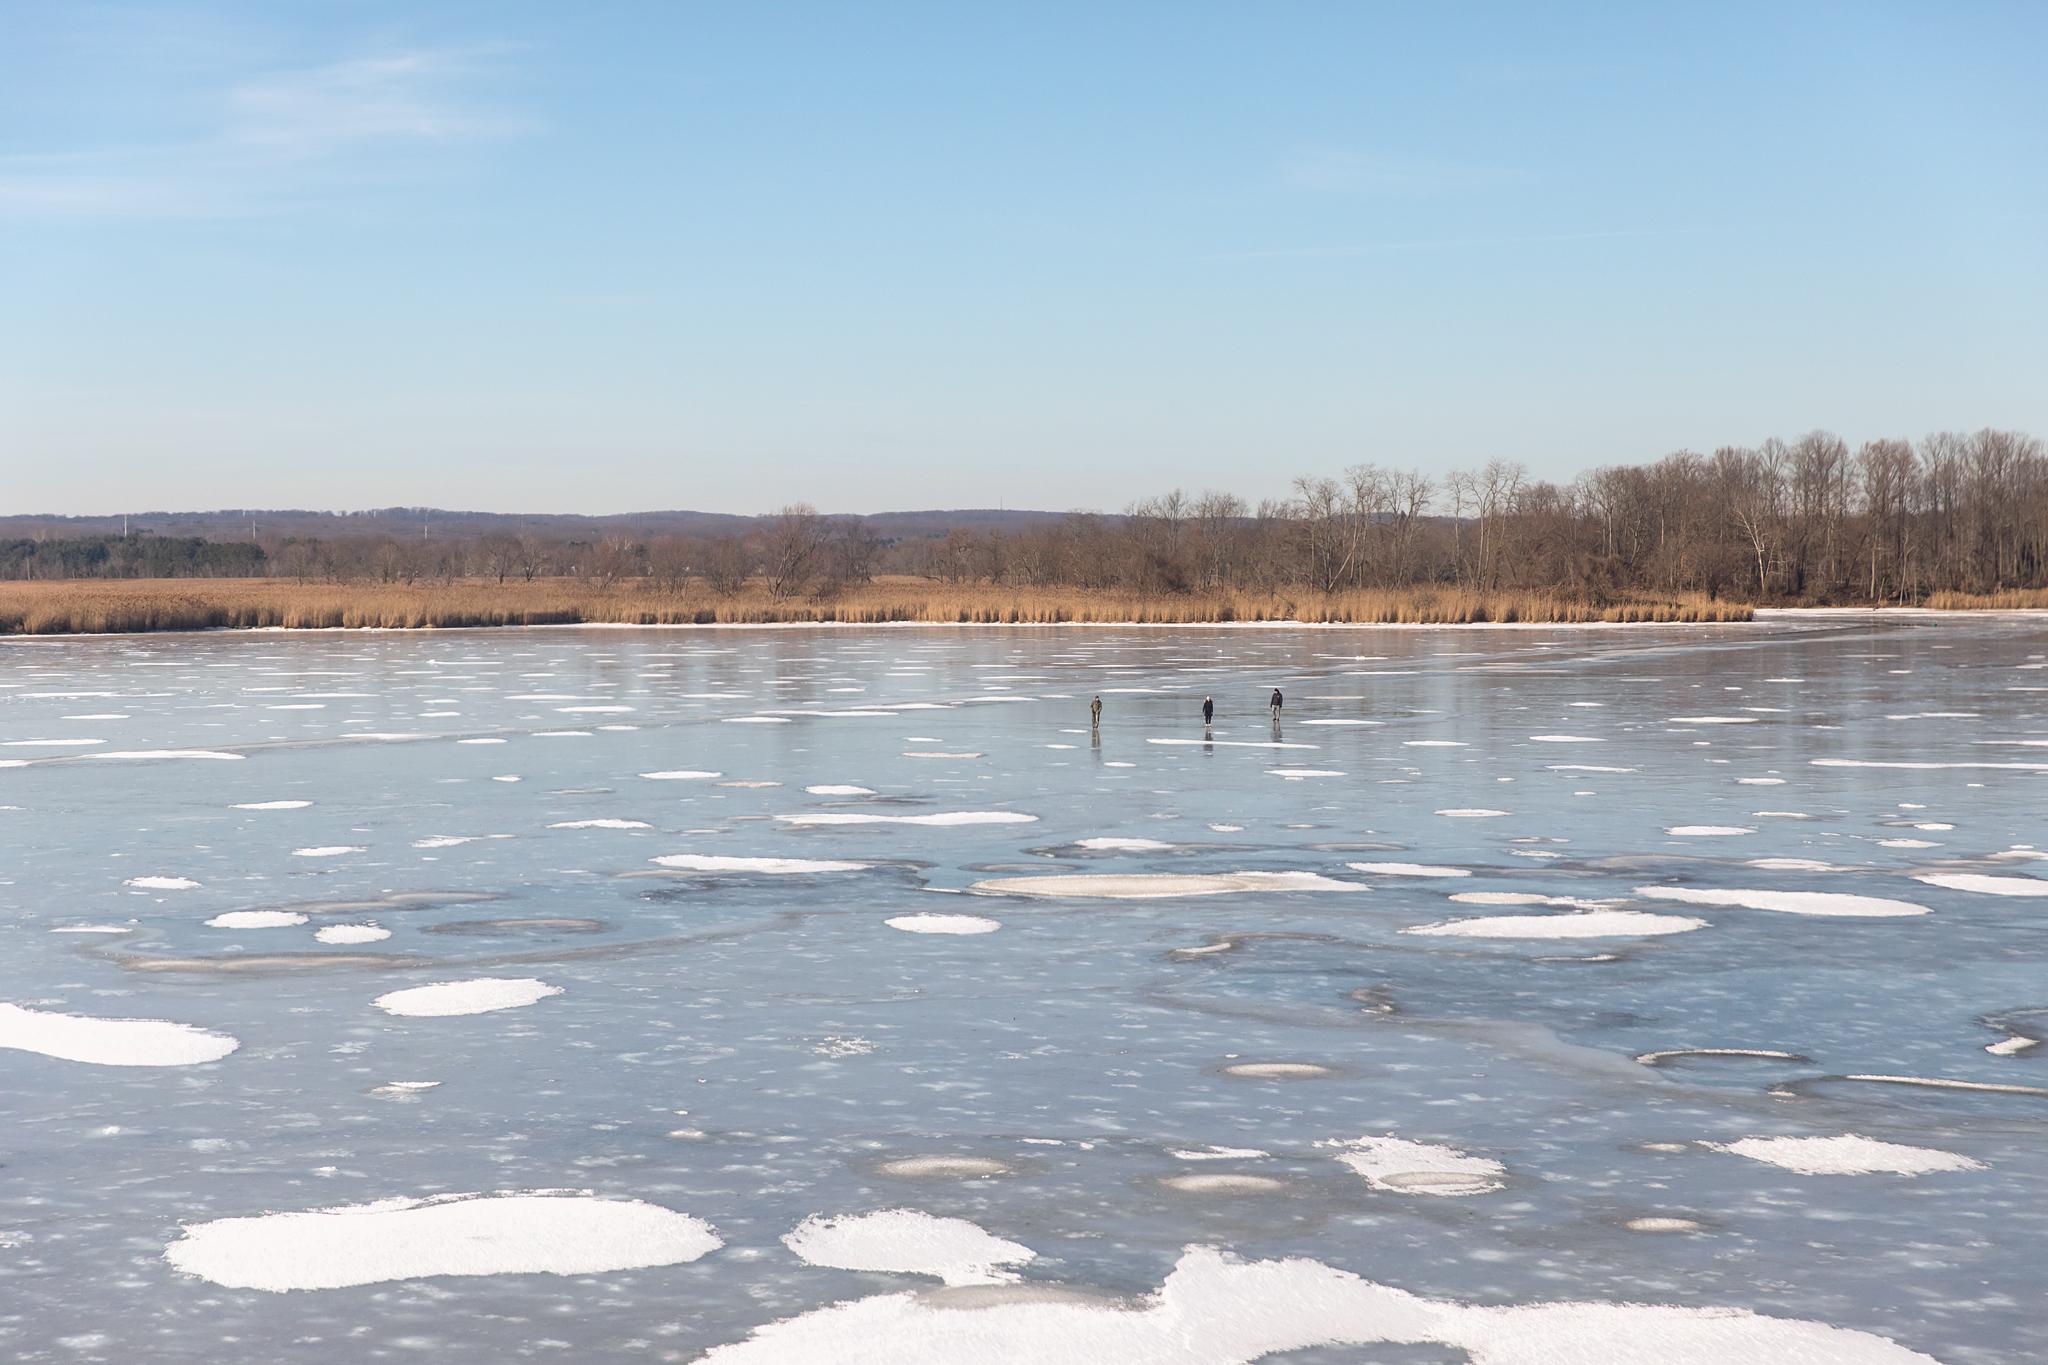 Skating on Thin Ice - Gunpowder River, Maryland - 1.7.2018 - WAS-NYP